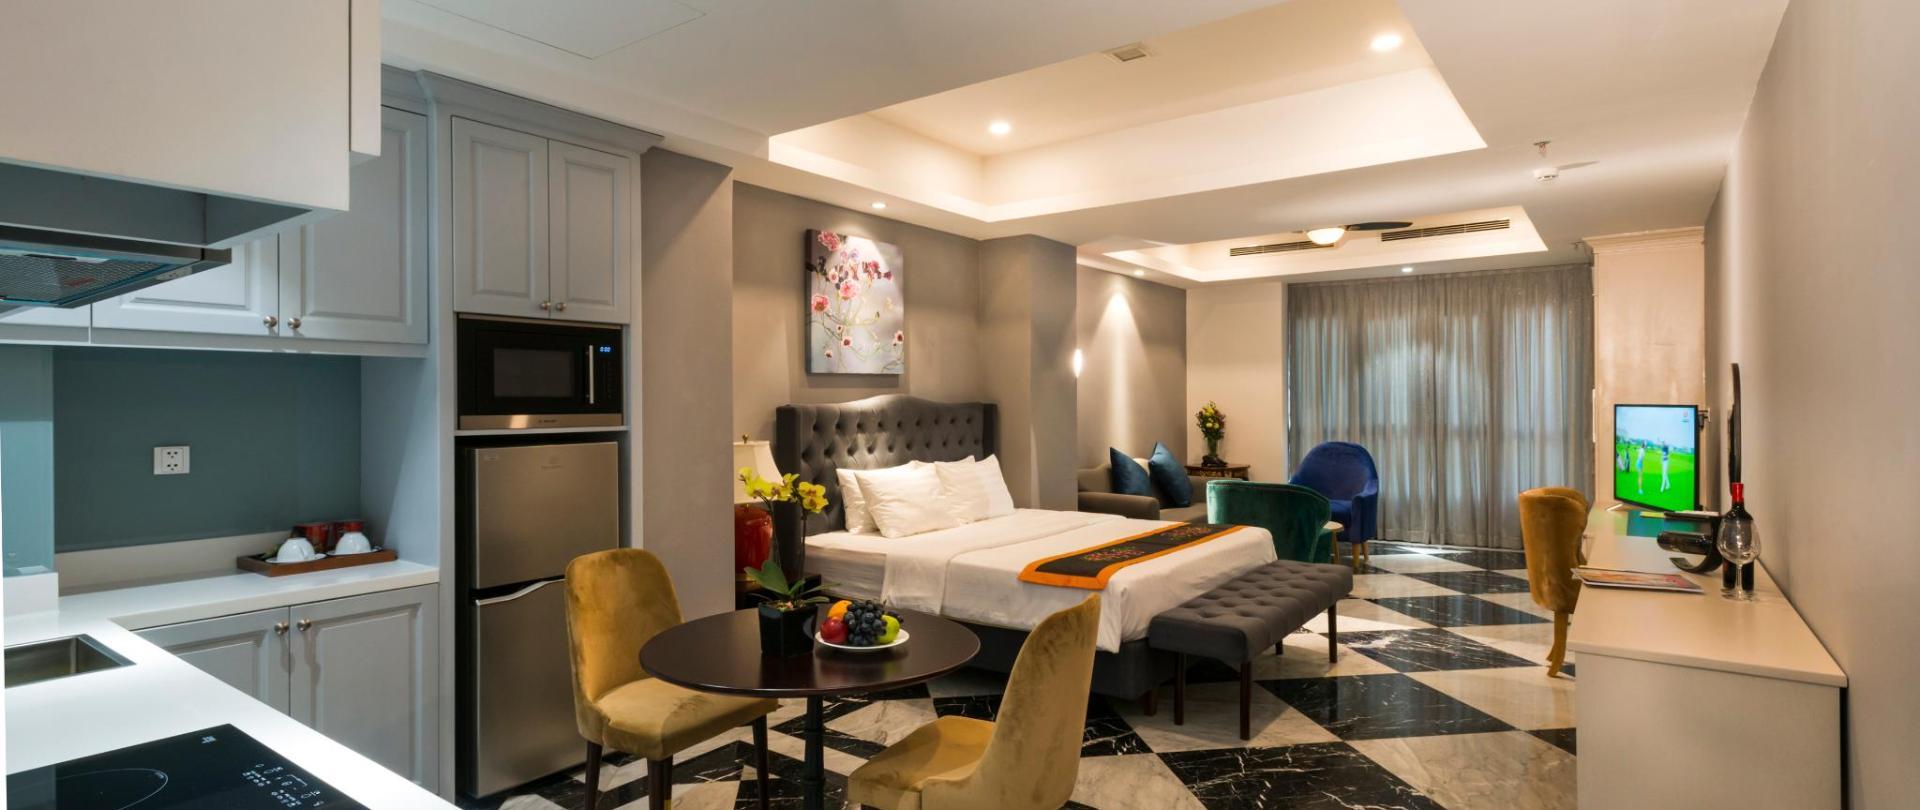 SAM Hotel DELUX AP .jpg